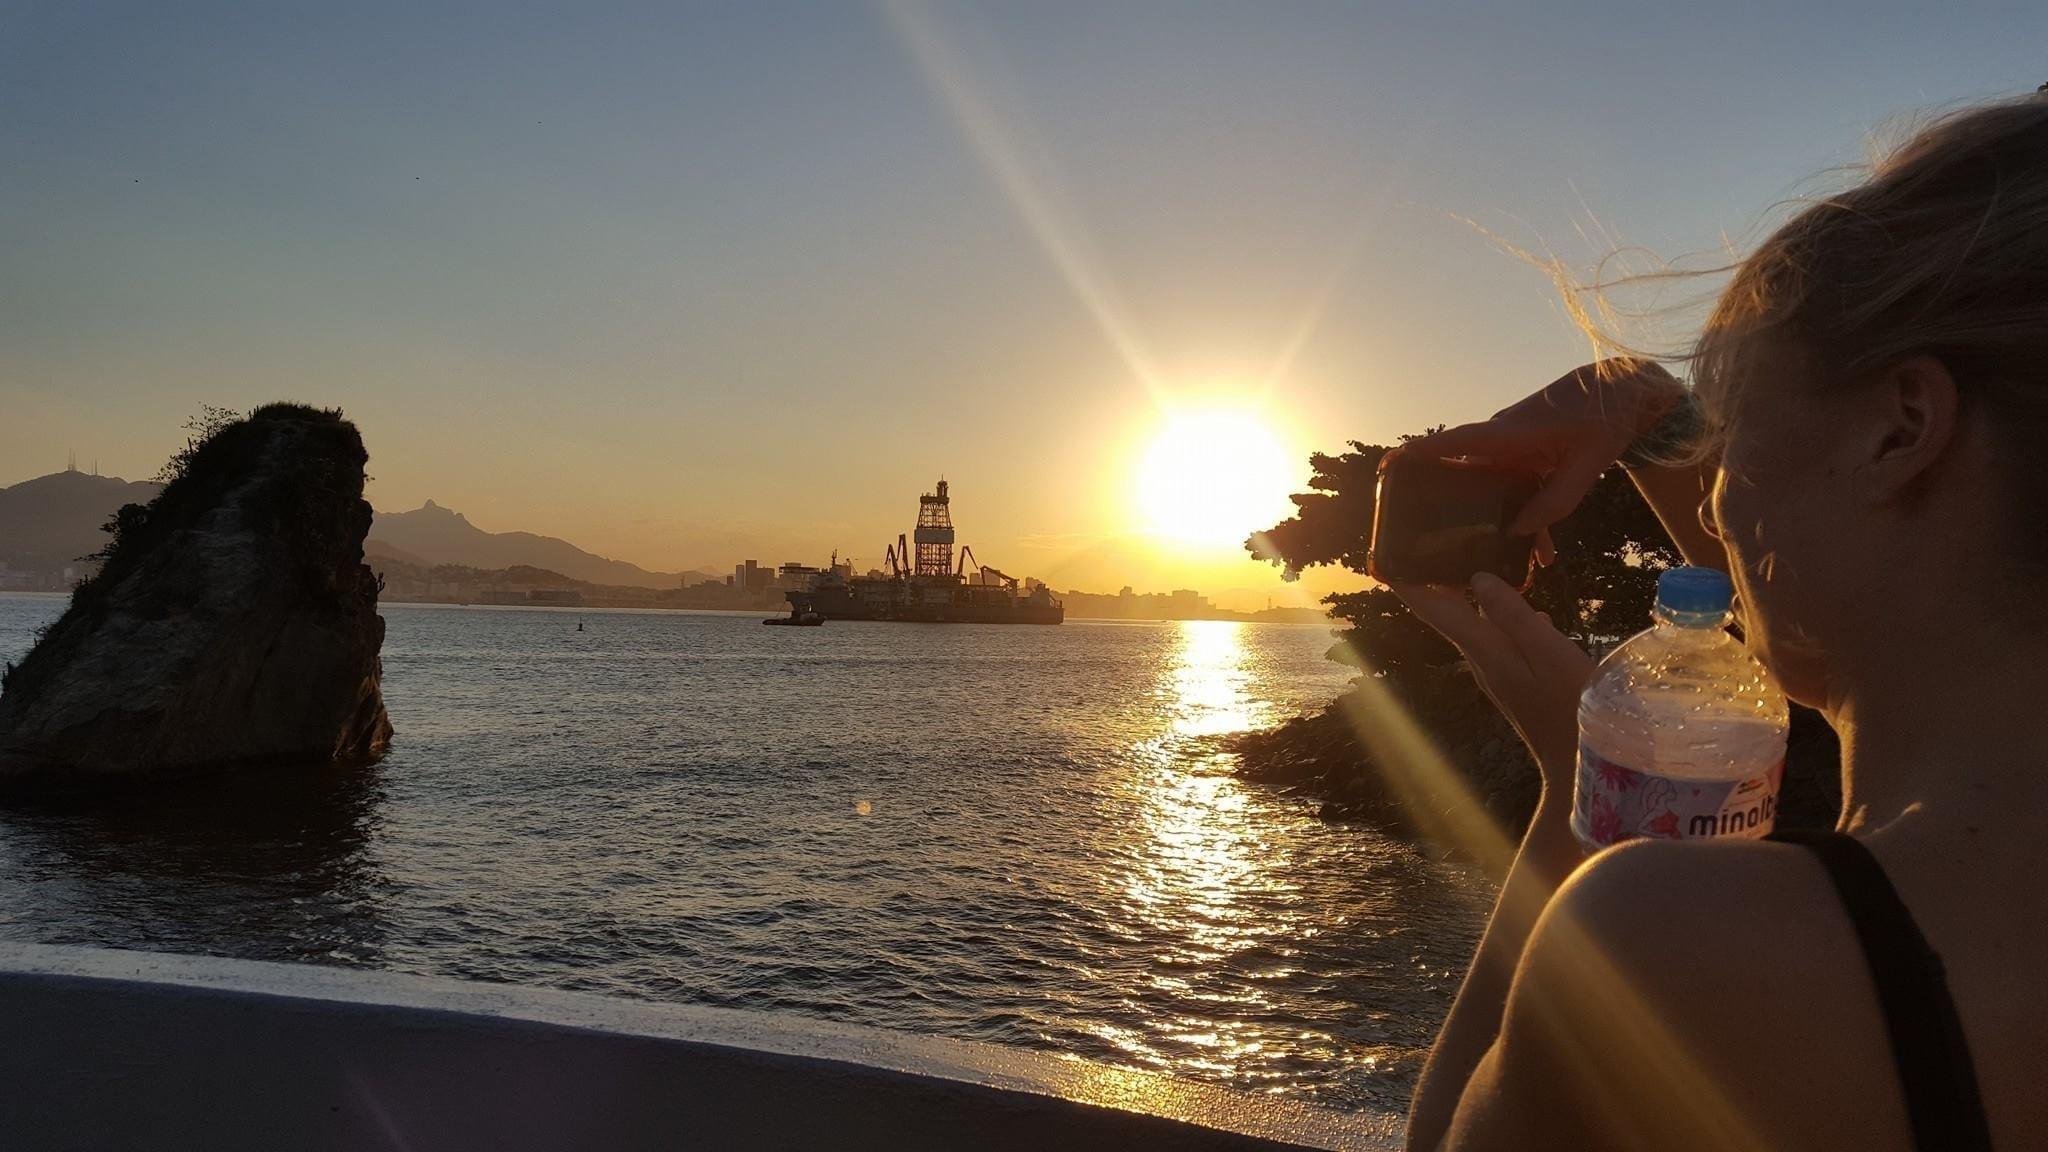 Assistindo o Rio de Niterói